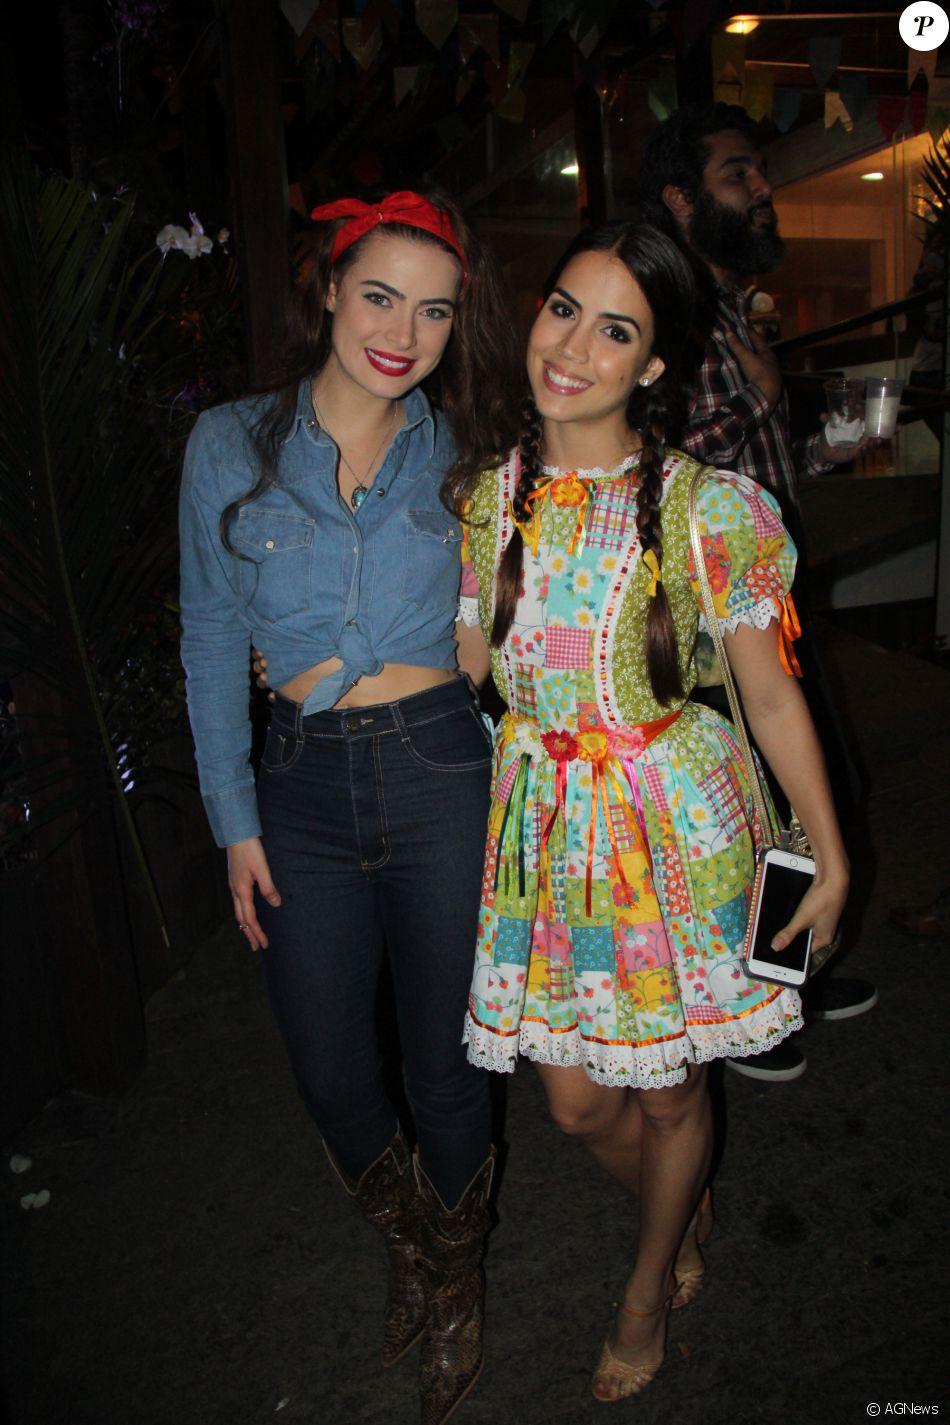 Rayanne Morais e Pérola Faria se encontraram em festa junina dos elencos das novelas 'Os Dez Mandamentos - Nova Temporada' e 'A Terra Prometida', na noite deste domingo, 26 de junho de 2016